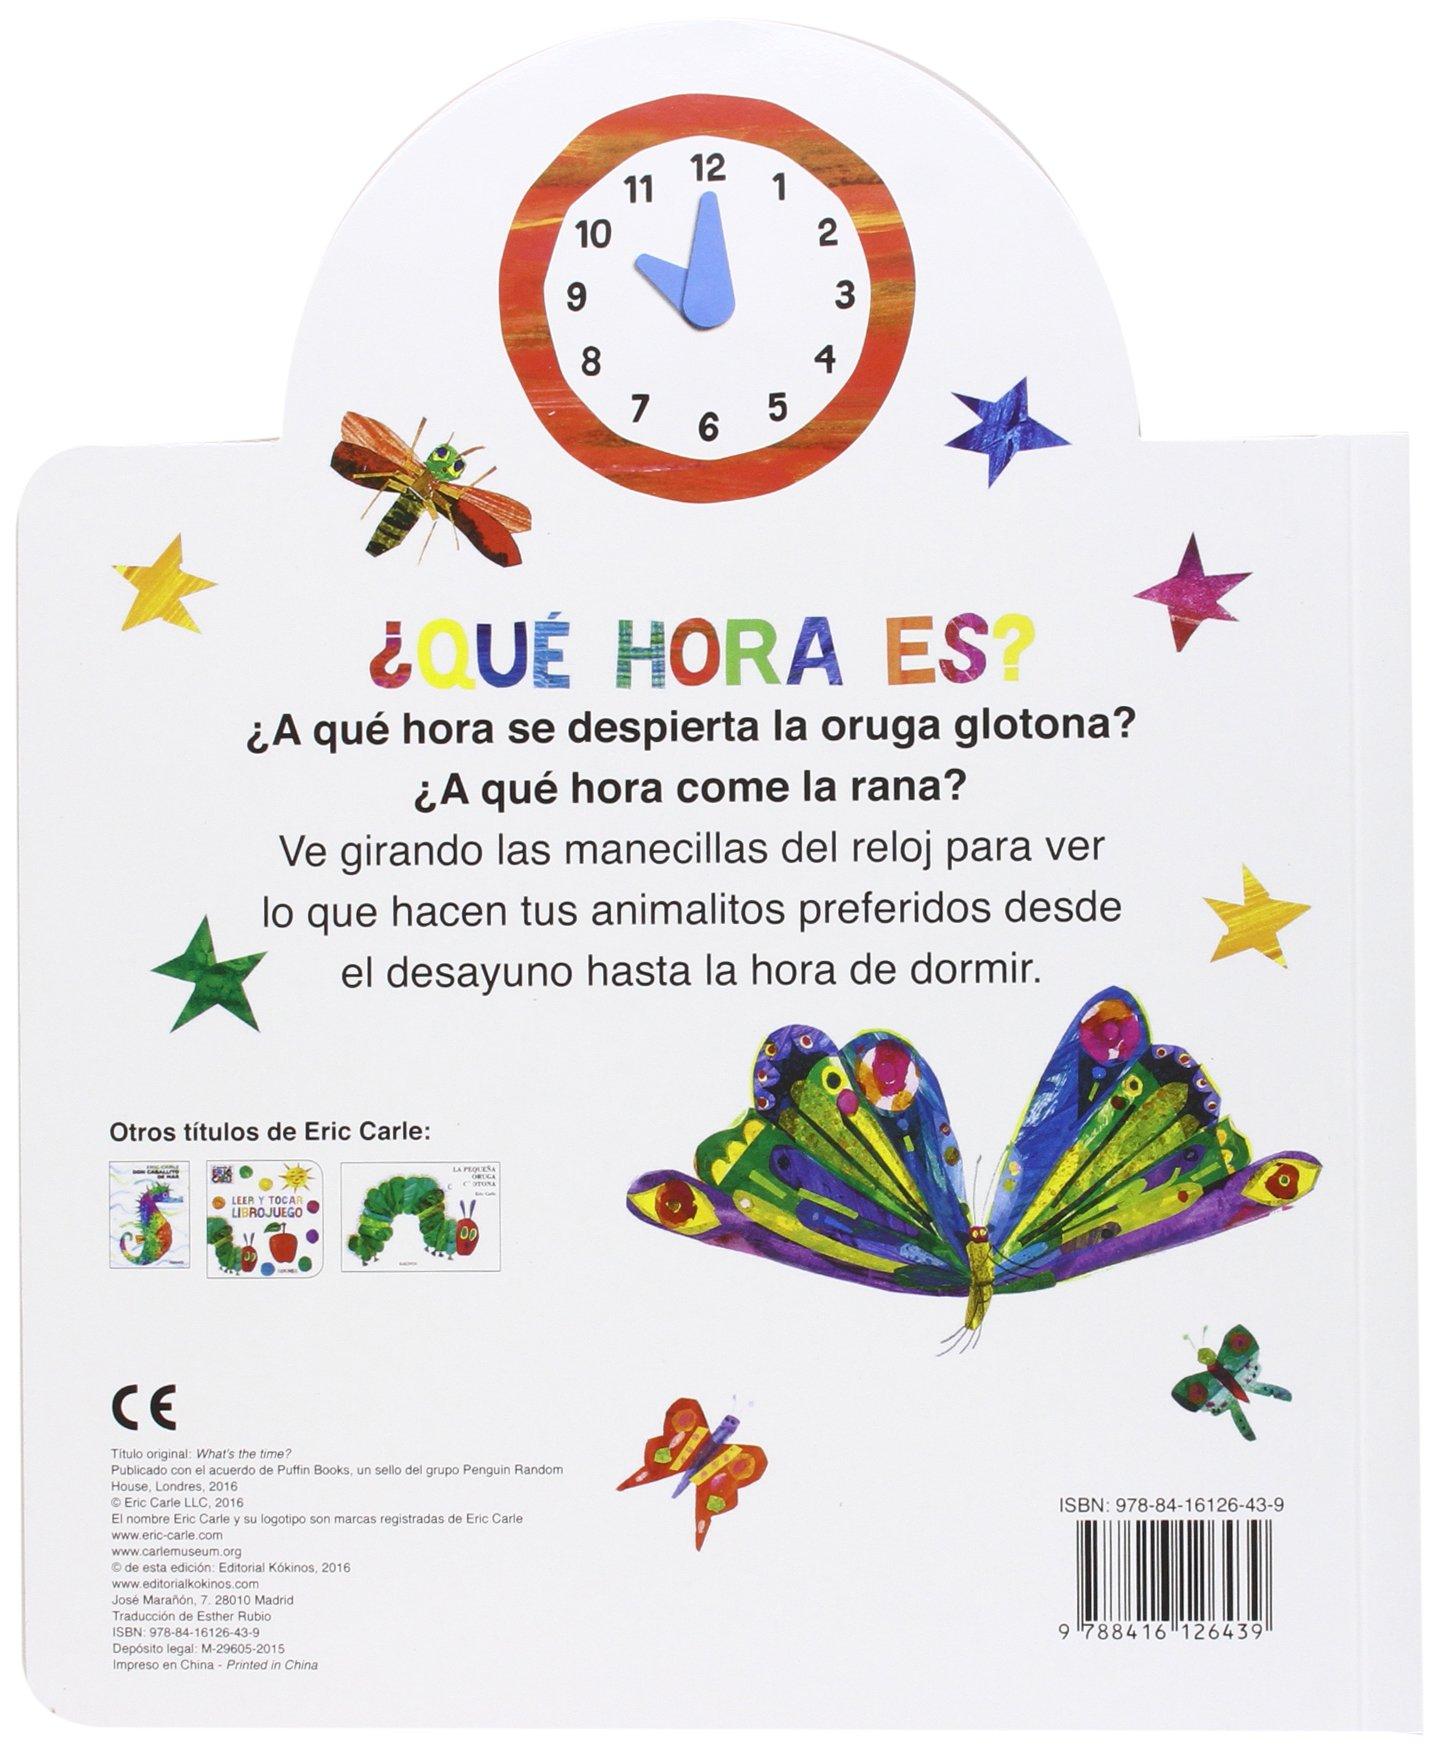 Eric Carle - Spanish: Que hora es?: Manuel Rivas: 9788416126439: Amazon.com: Books